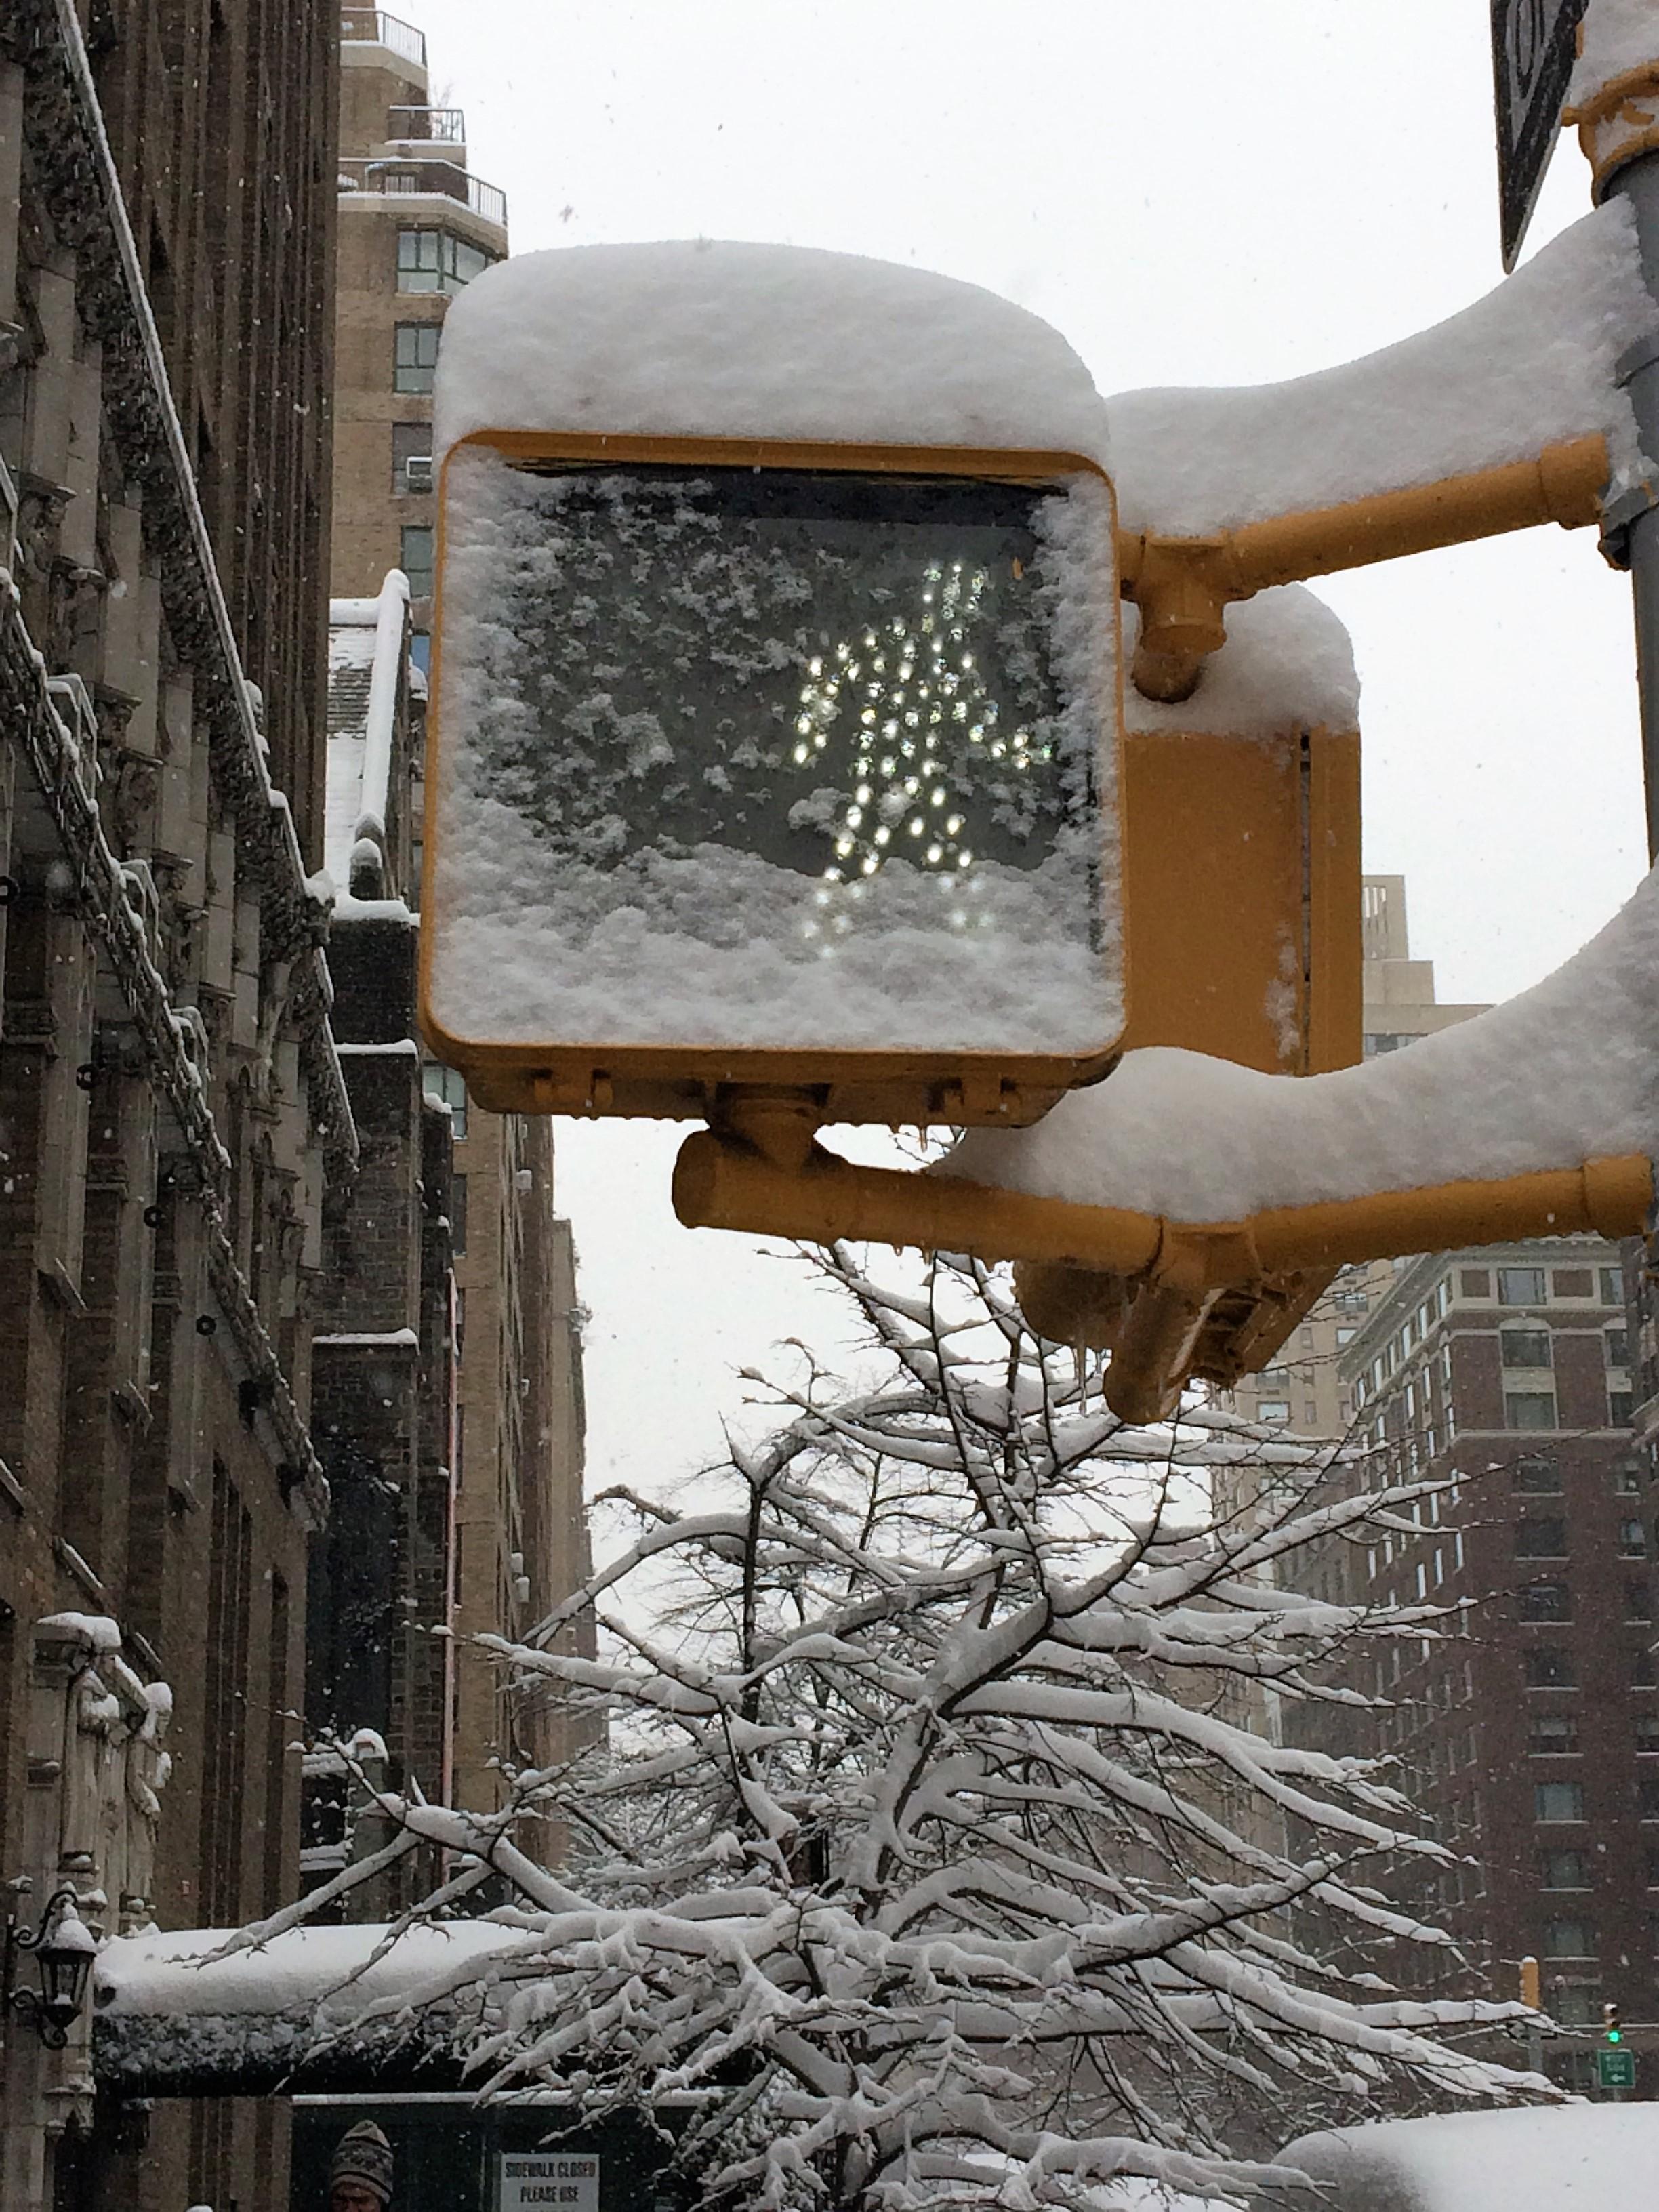 Nature's Handiwork on the Upper East Side